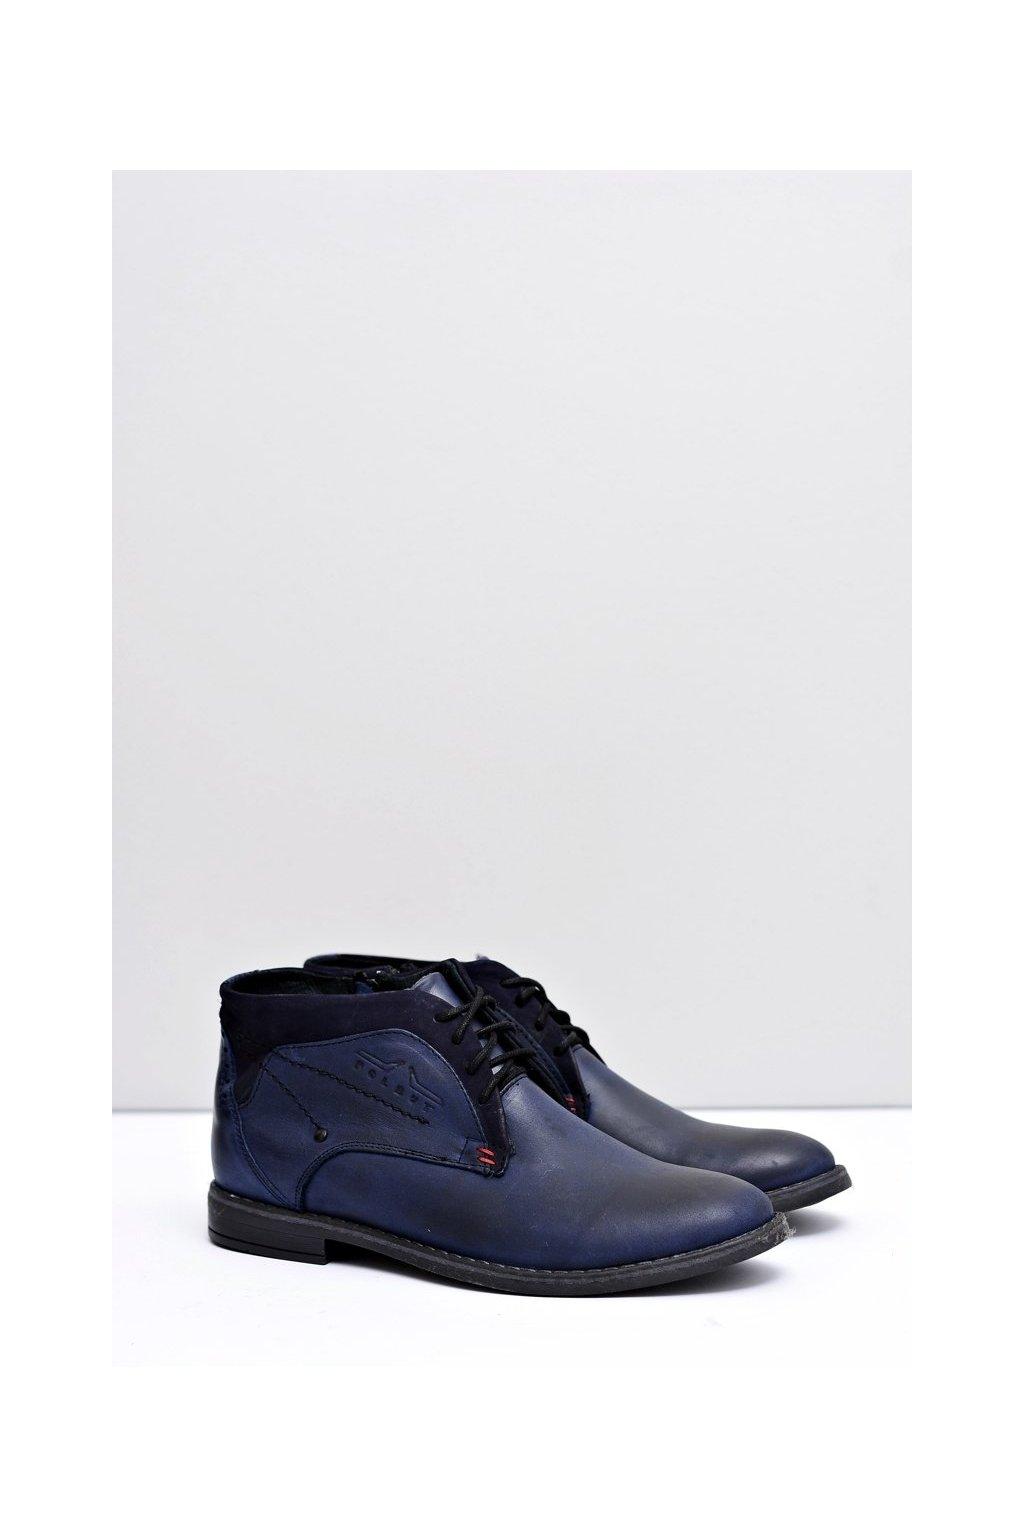 pánske Vysoké topánky Kožené Teplé Kožichy tmavo modré Lotta